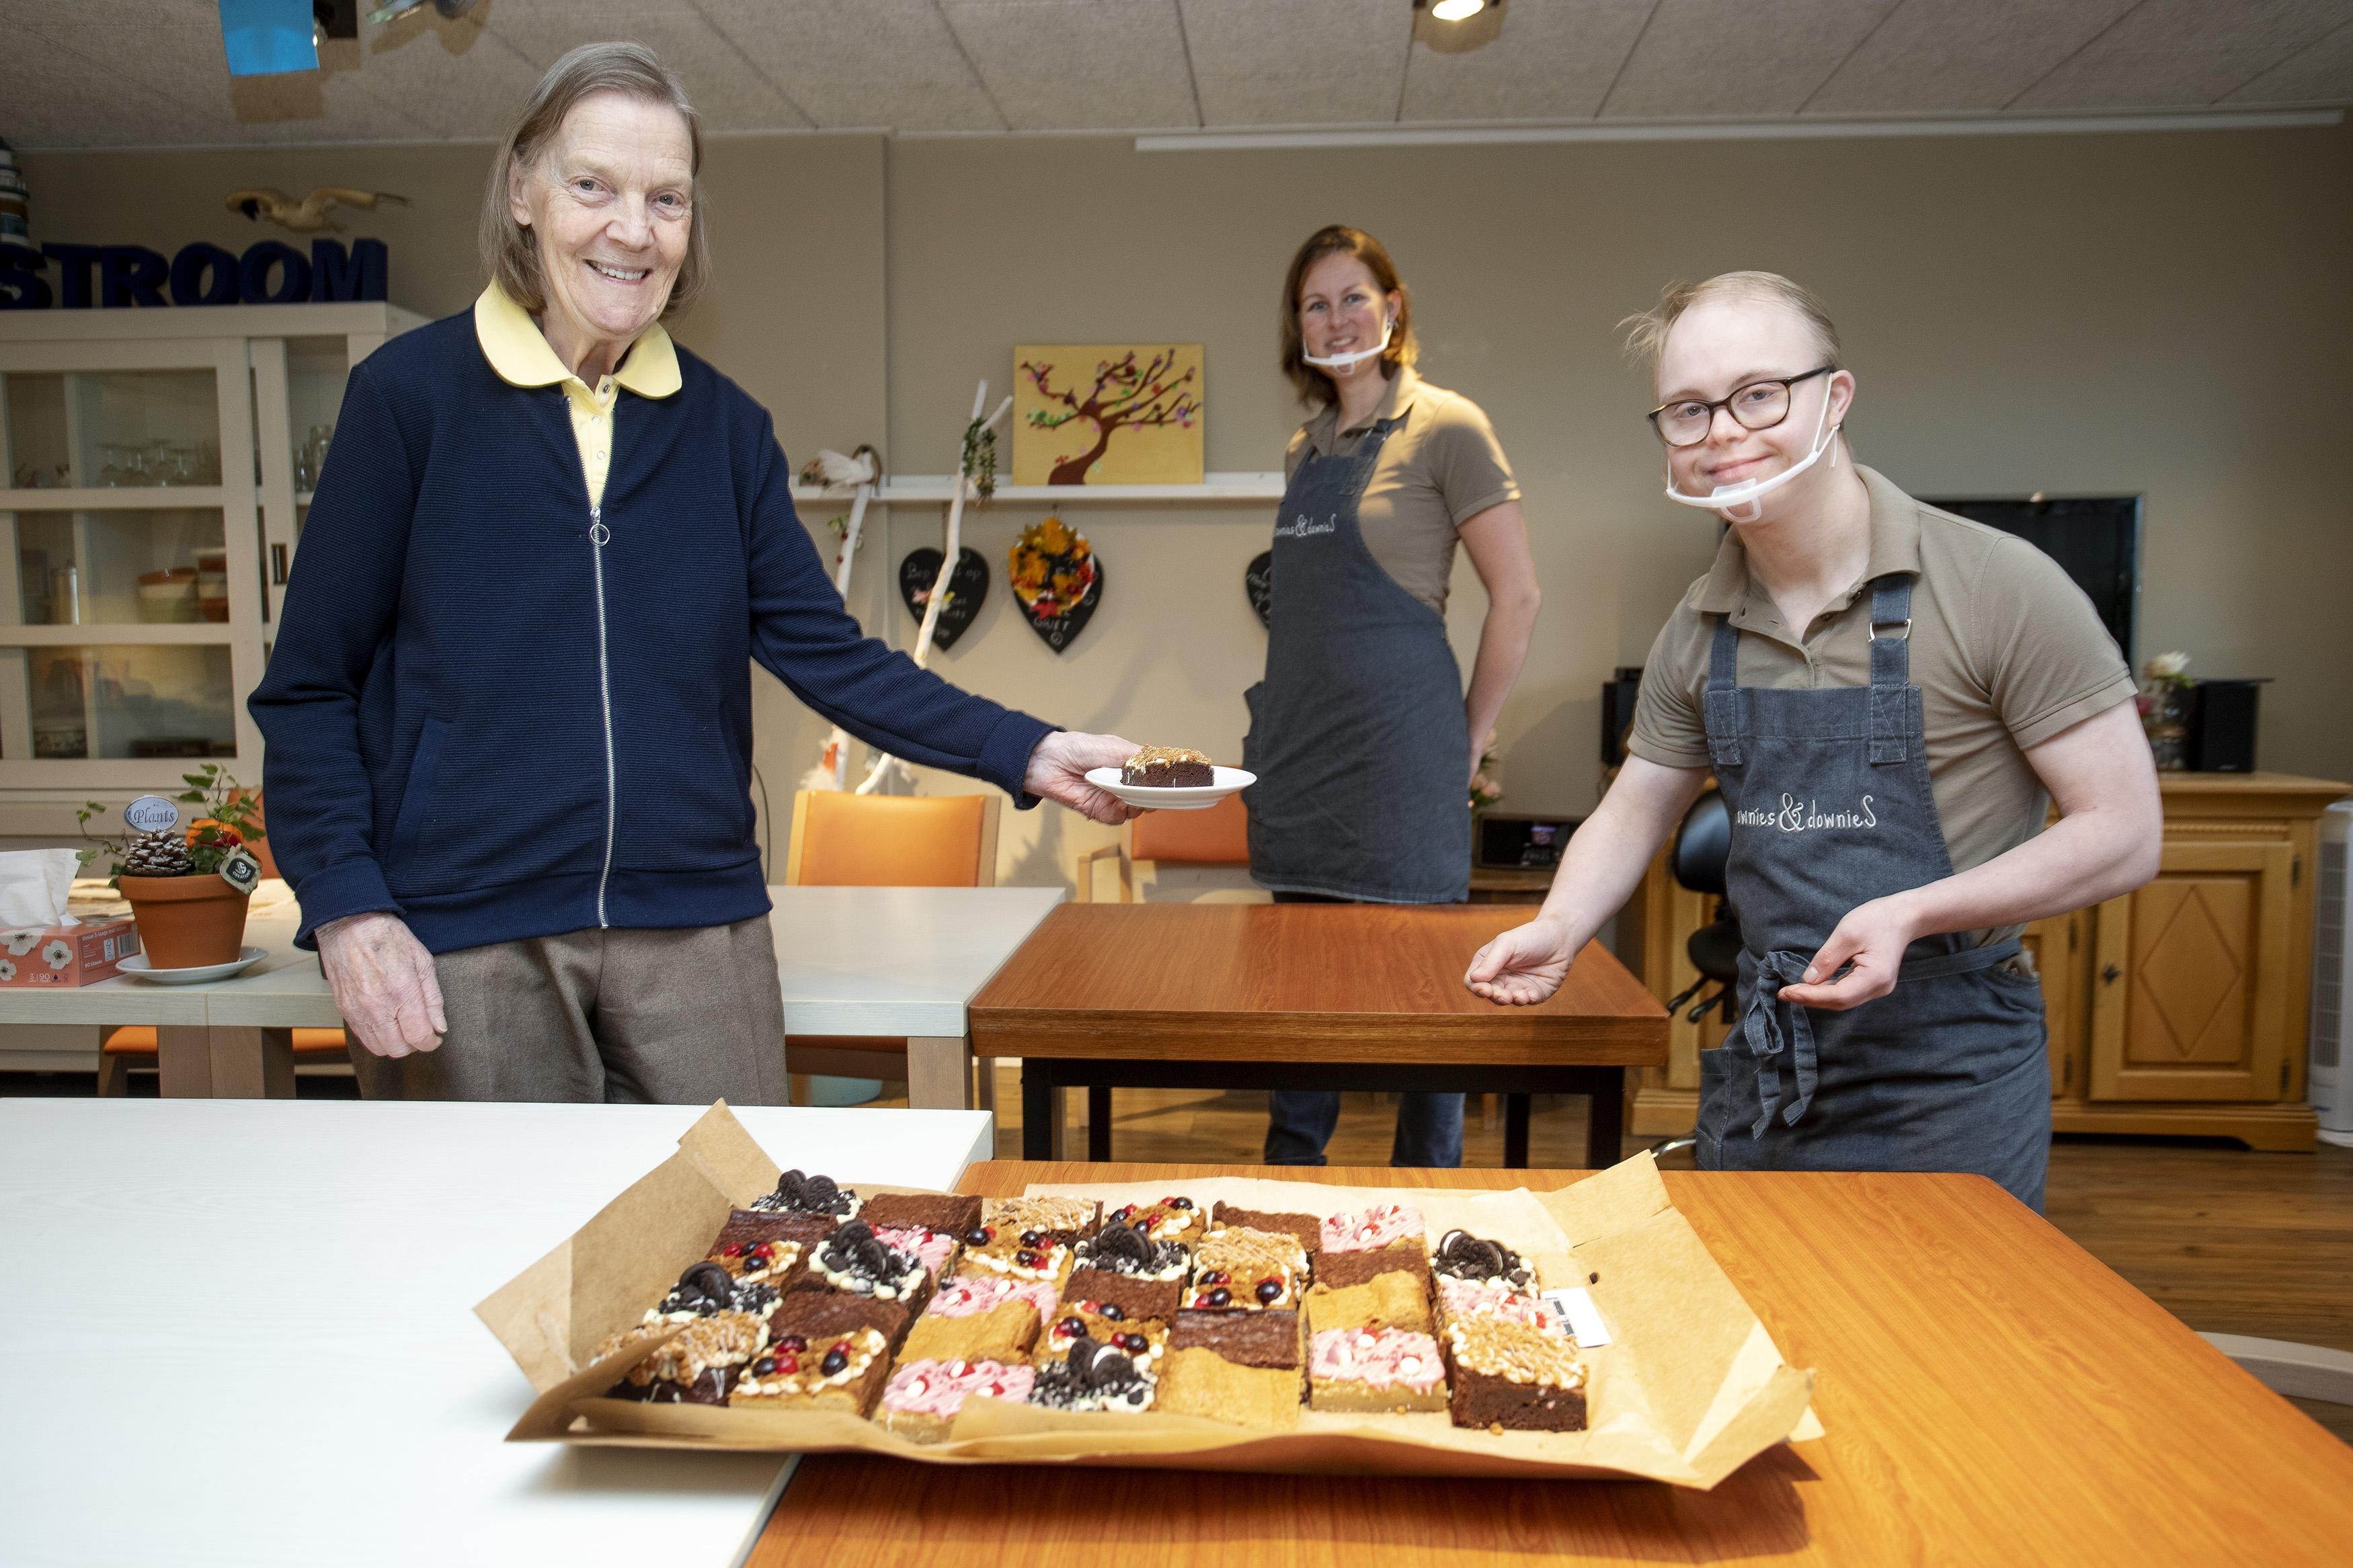 Brownies en downieS brengt de mensen van Ontmoetingscentrum Zeestroom in IJmuiden wat lekkers voor bij de koffie